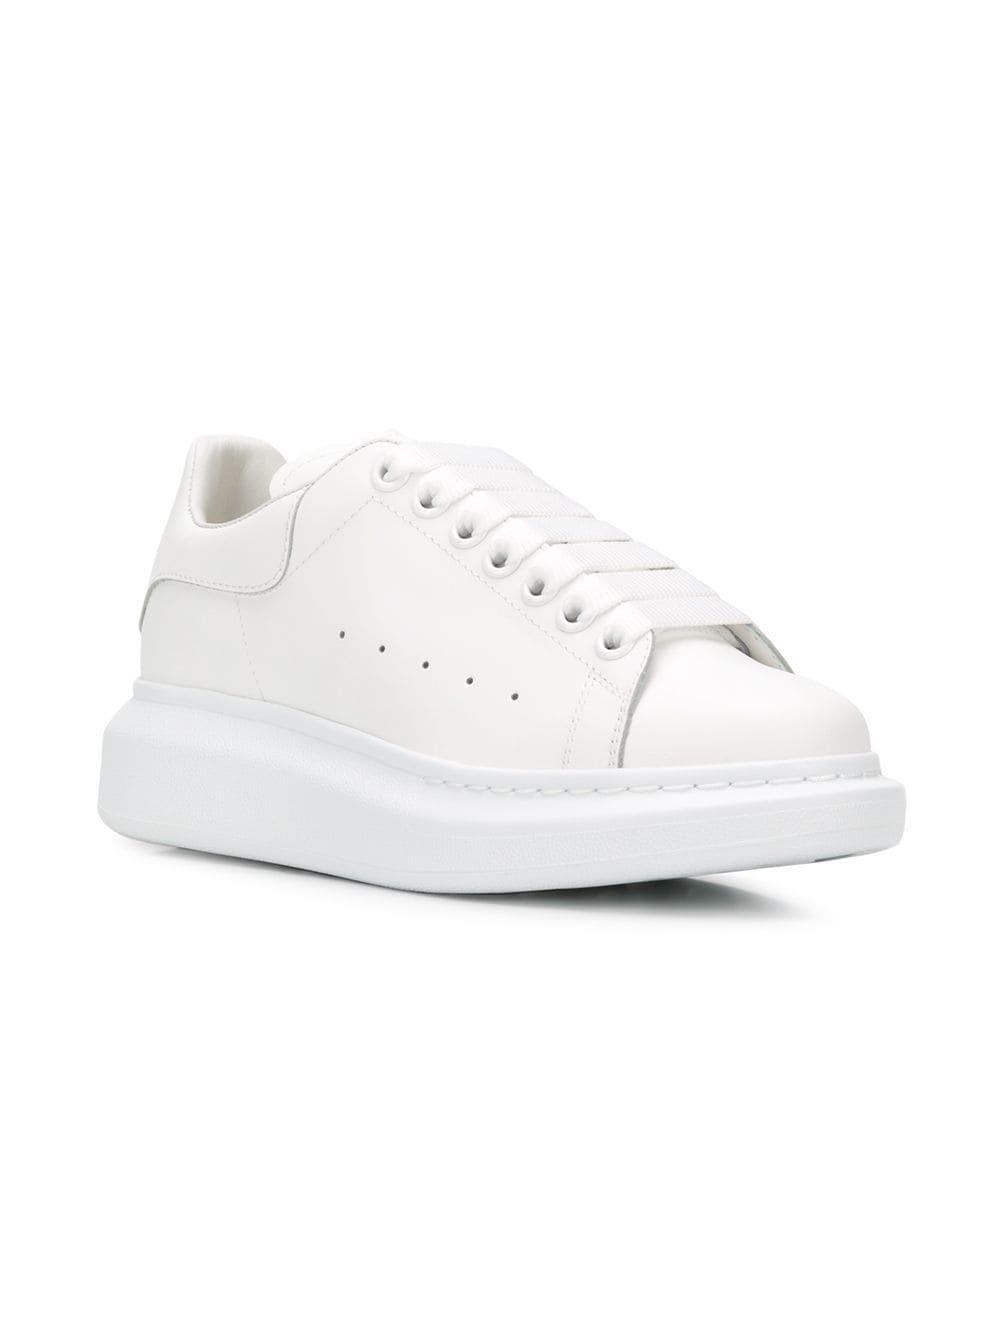 service durable comment choisir vraiment à l'aise Alexander McQueen White Oversized Sole Sneakers